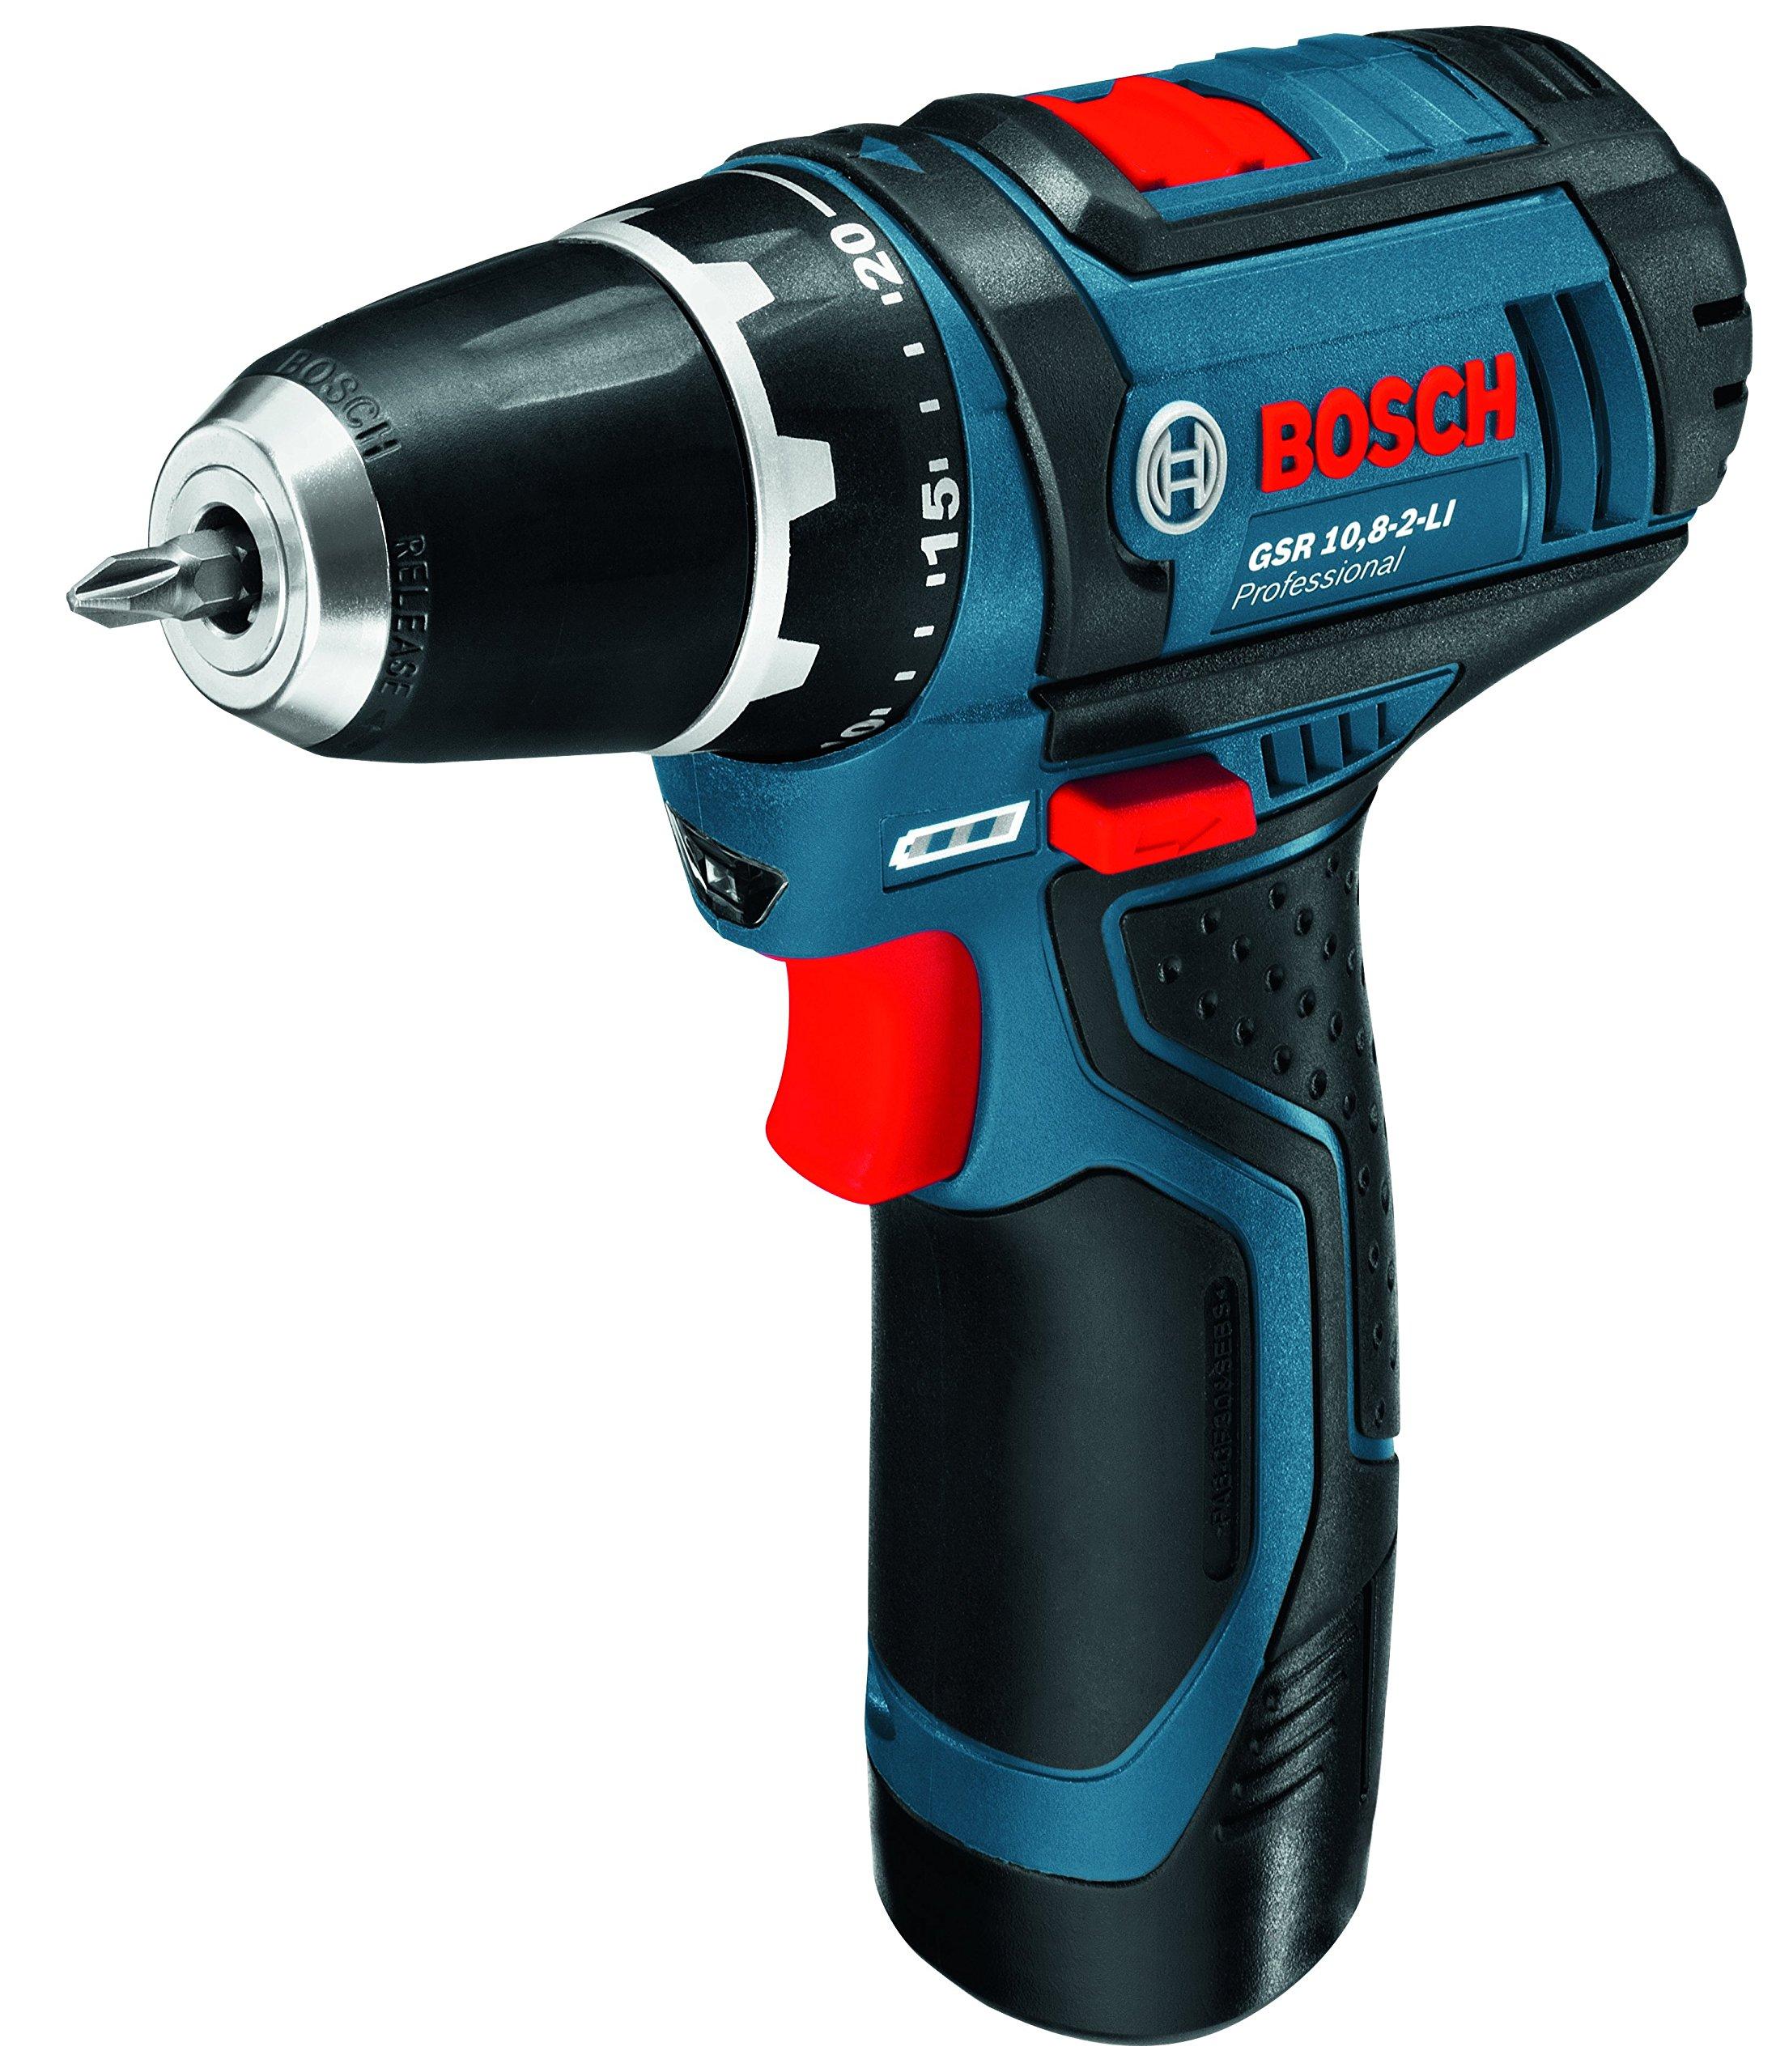 Bosch-Professional-Akku-Bohrschrauber-GSR-12V-15-1x-20-Ah-Akku-1x-40-Ah-Akku-Ladegert-39-tlg-Zubehrset-Tasche-12-Volt-Schrauben–7-mm-Drehmoment-max-30-Nm